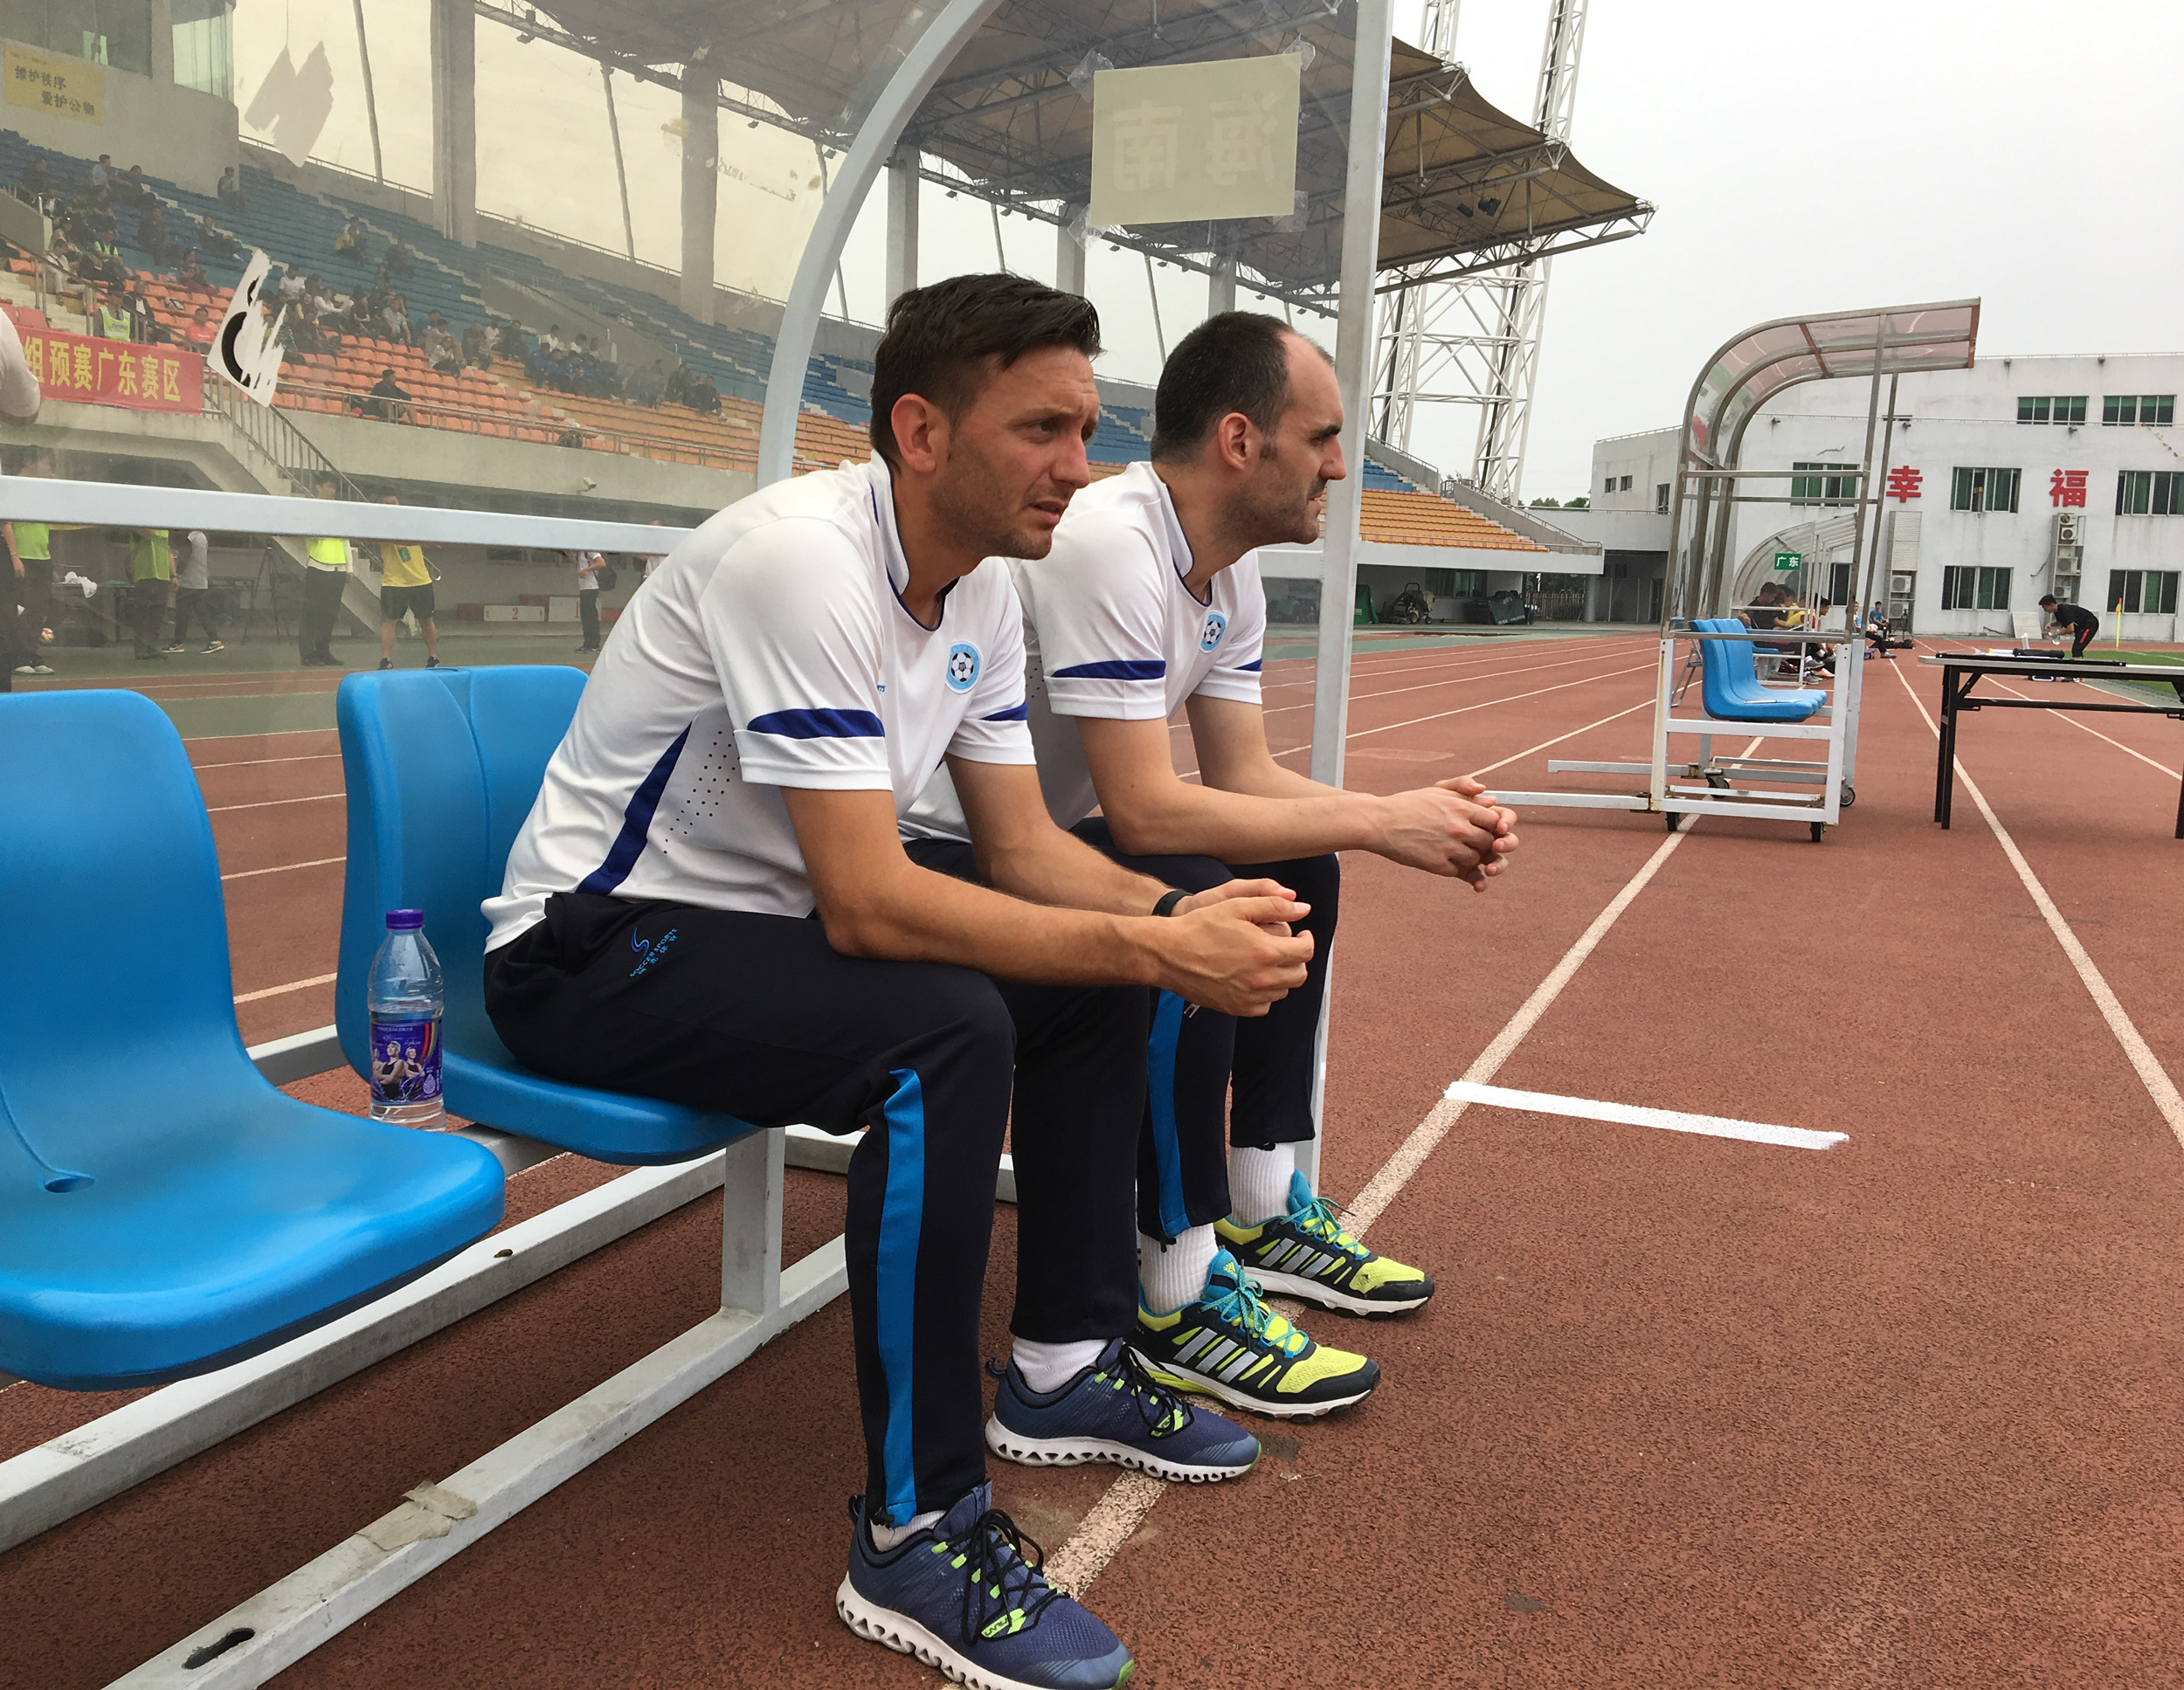 Fragua Participa En La Primera Fase De Los Juegos Olímpicos De China, Con La Selección Sub-18 De Hainan